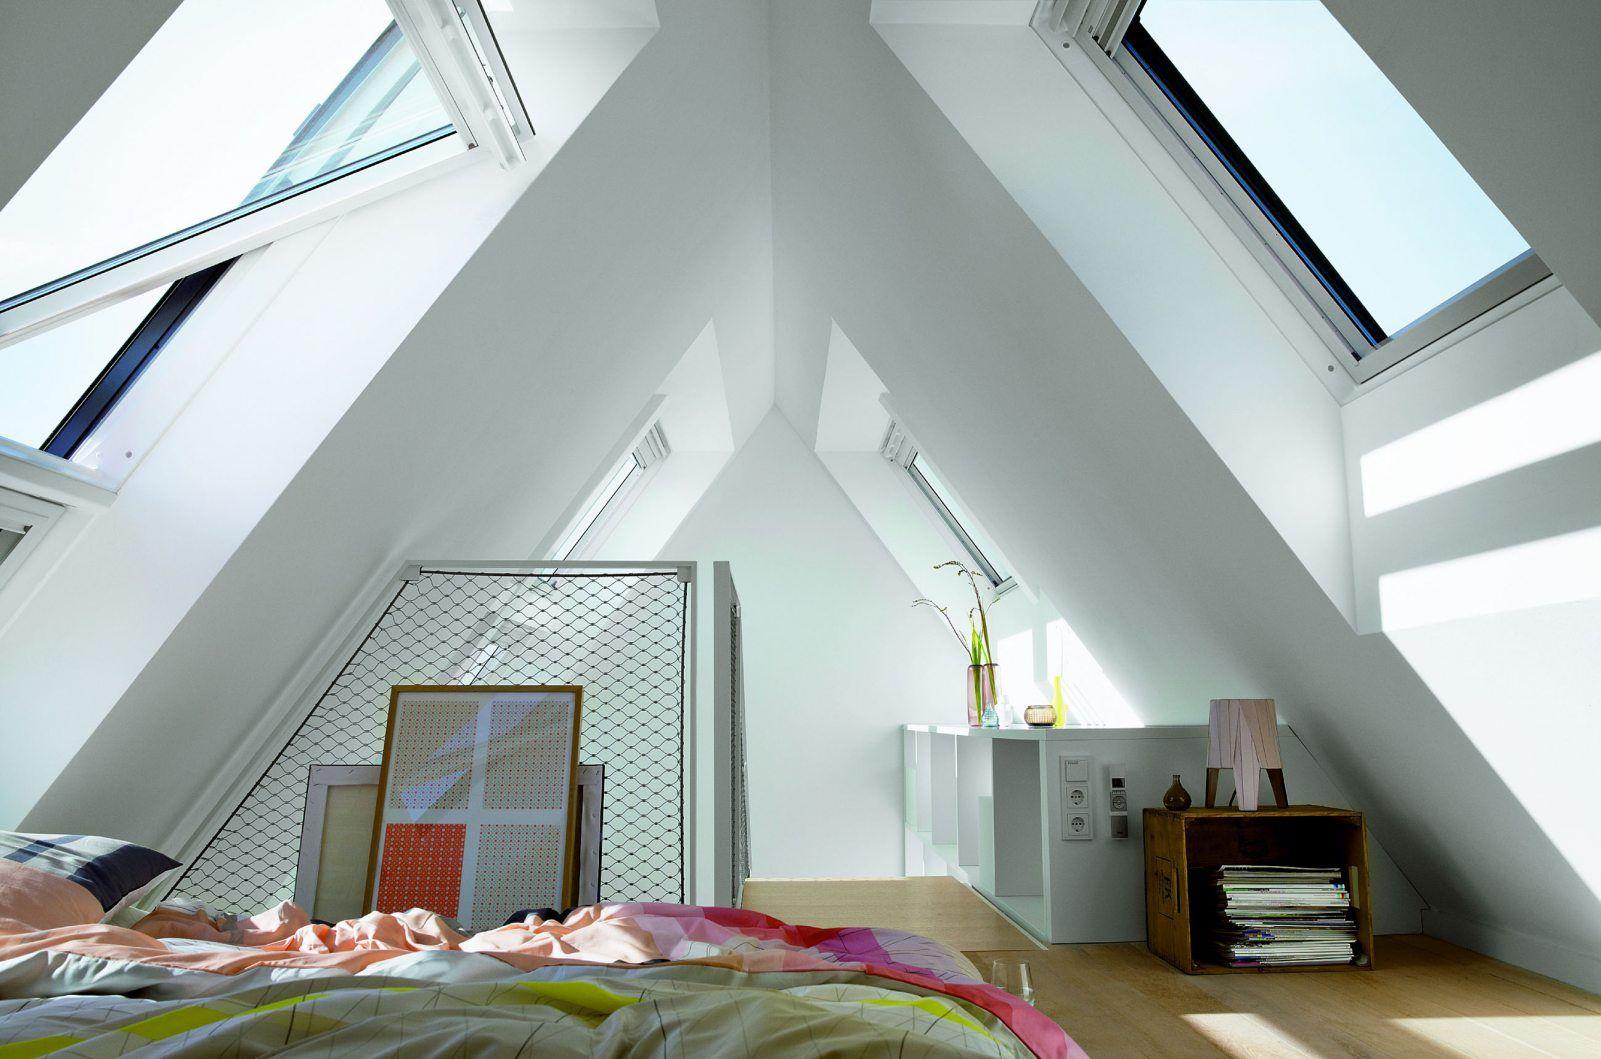 Schone Ausblick Durch Die Dachfenster Von Velux Kleines Dachzimmer Dachboden Renovierung Spitzboden